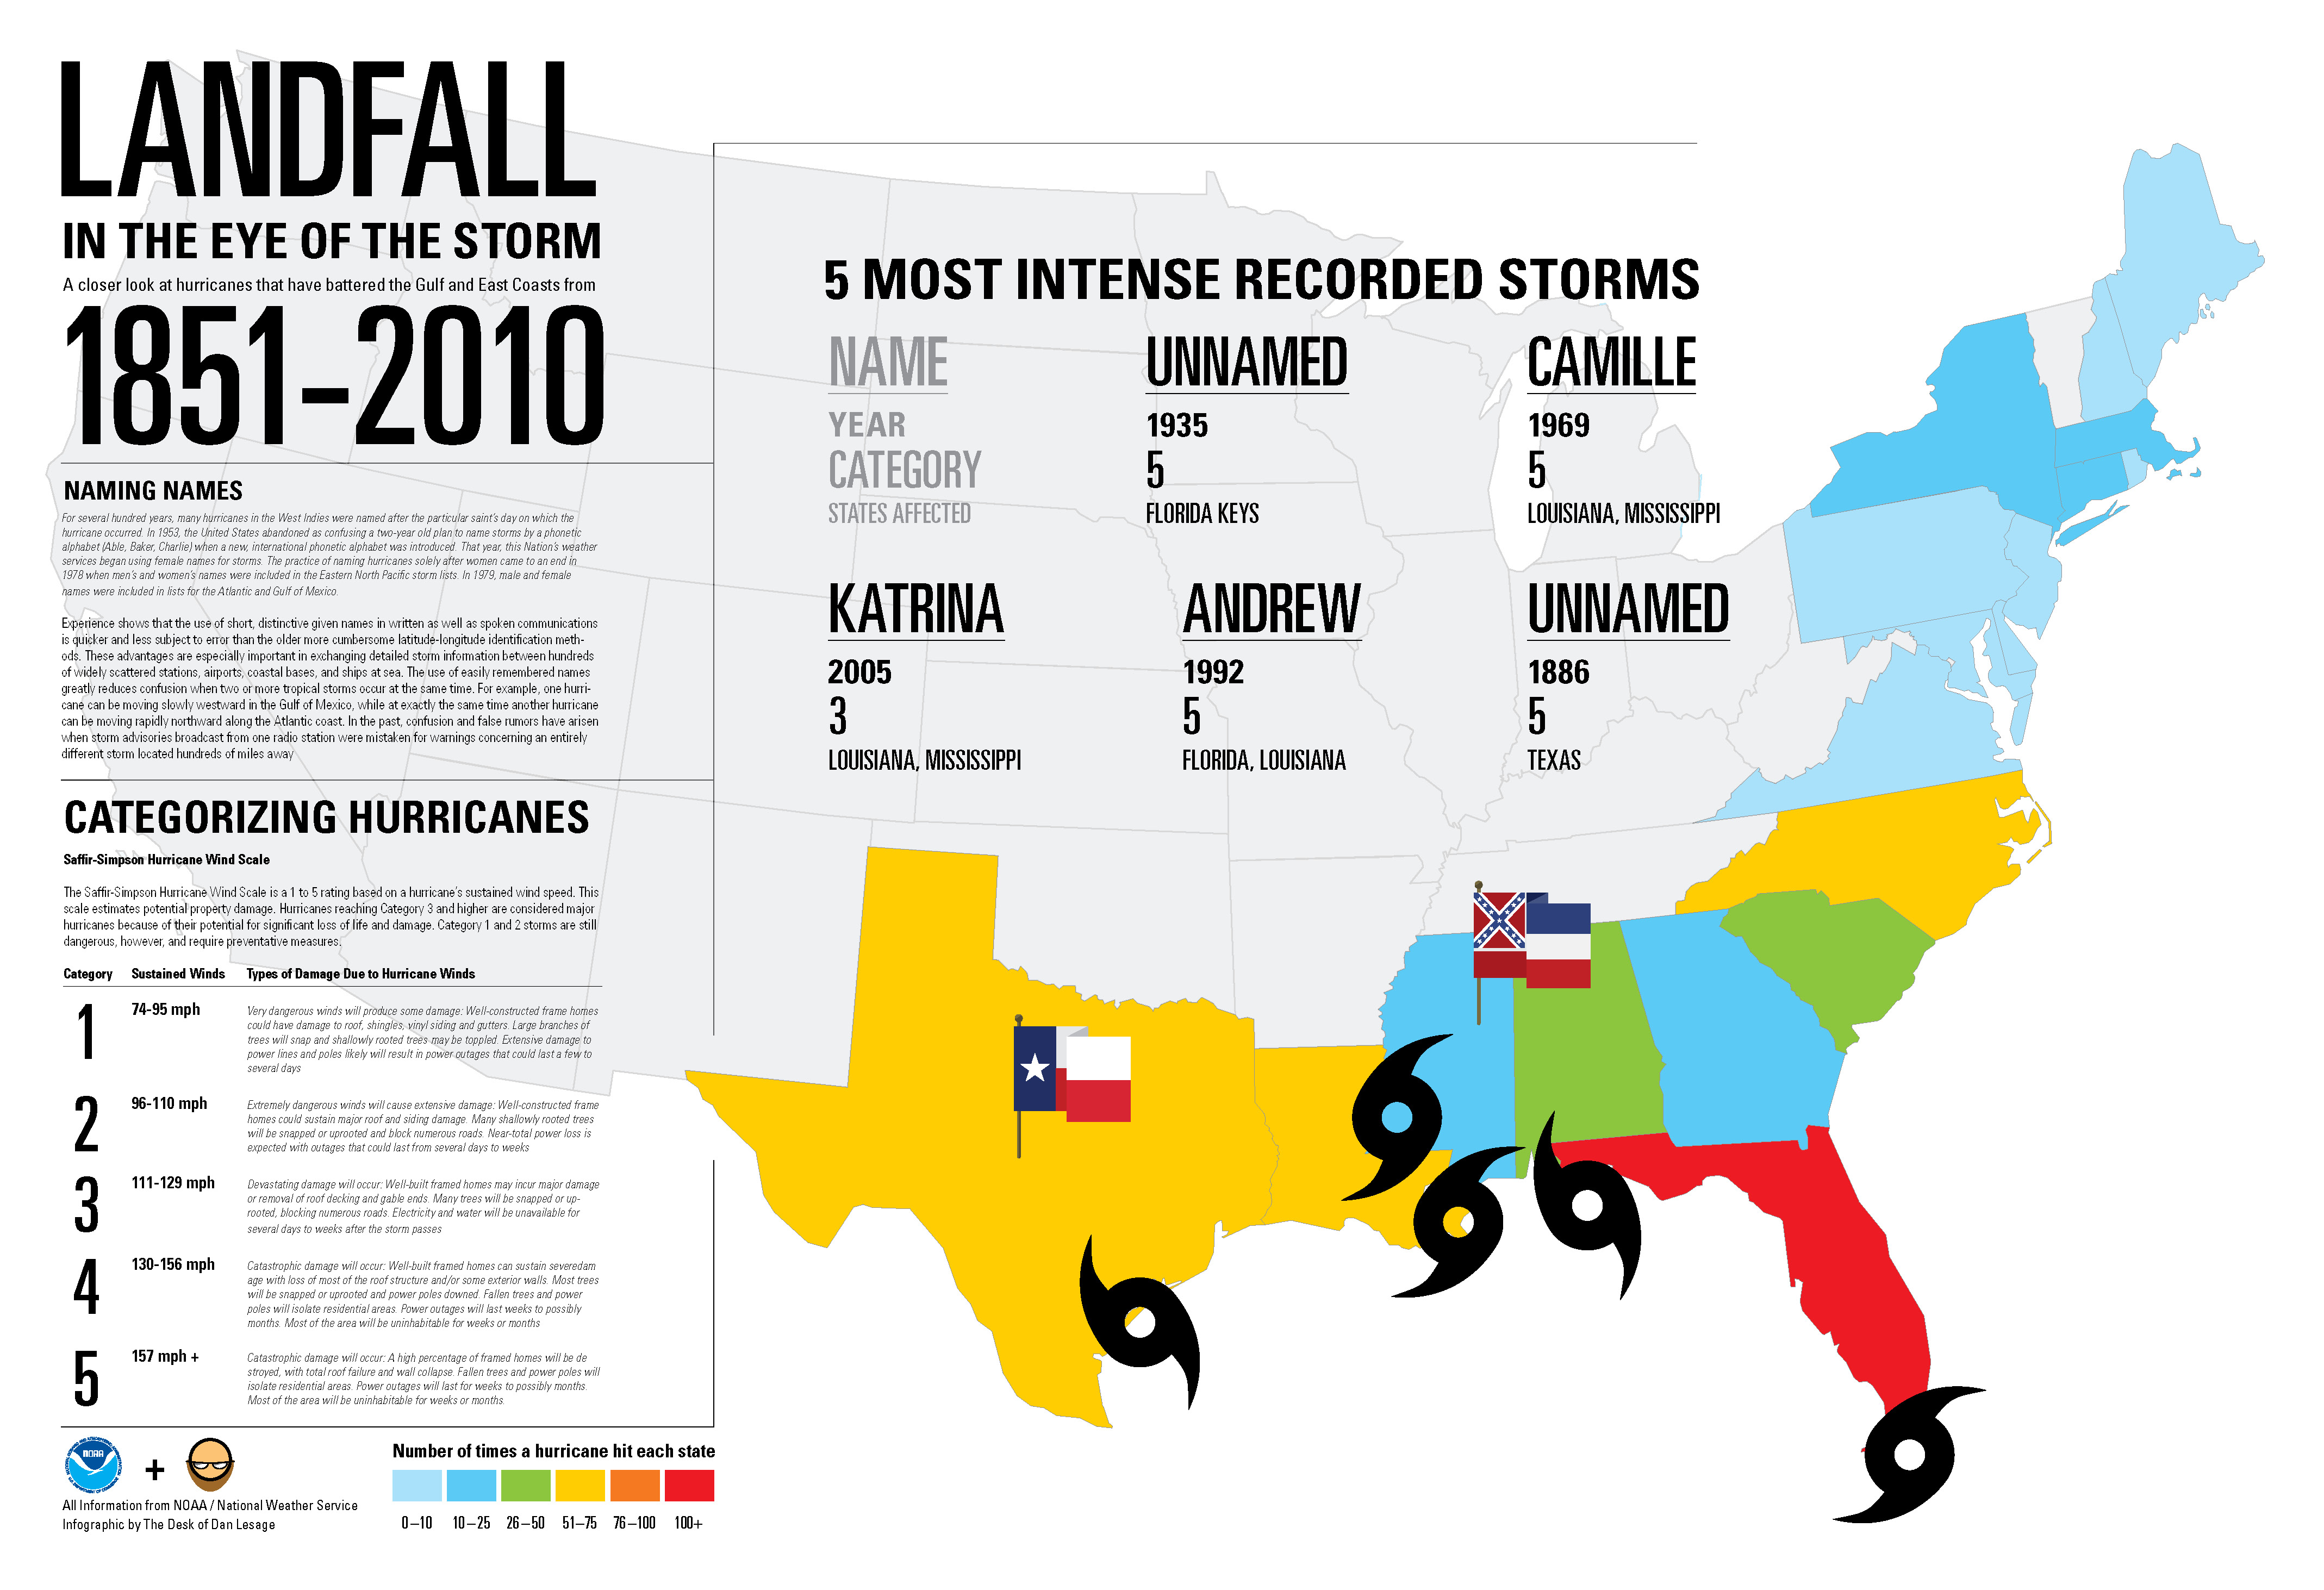 Hurricane infographic - R̶o̶u̶n̶d̶ ̶2̶ R̶O̶U̶N̶D̶ ̶3̶  FINAL - image 4 - student project